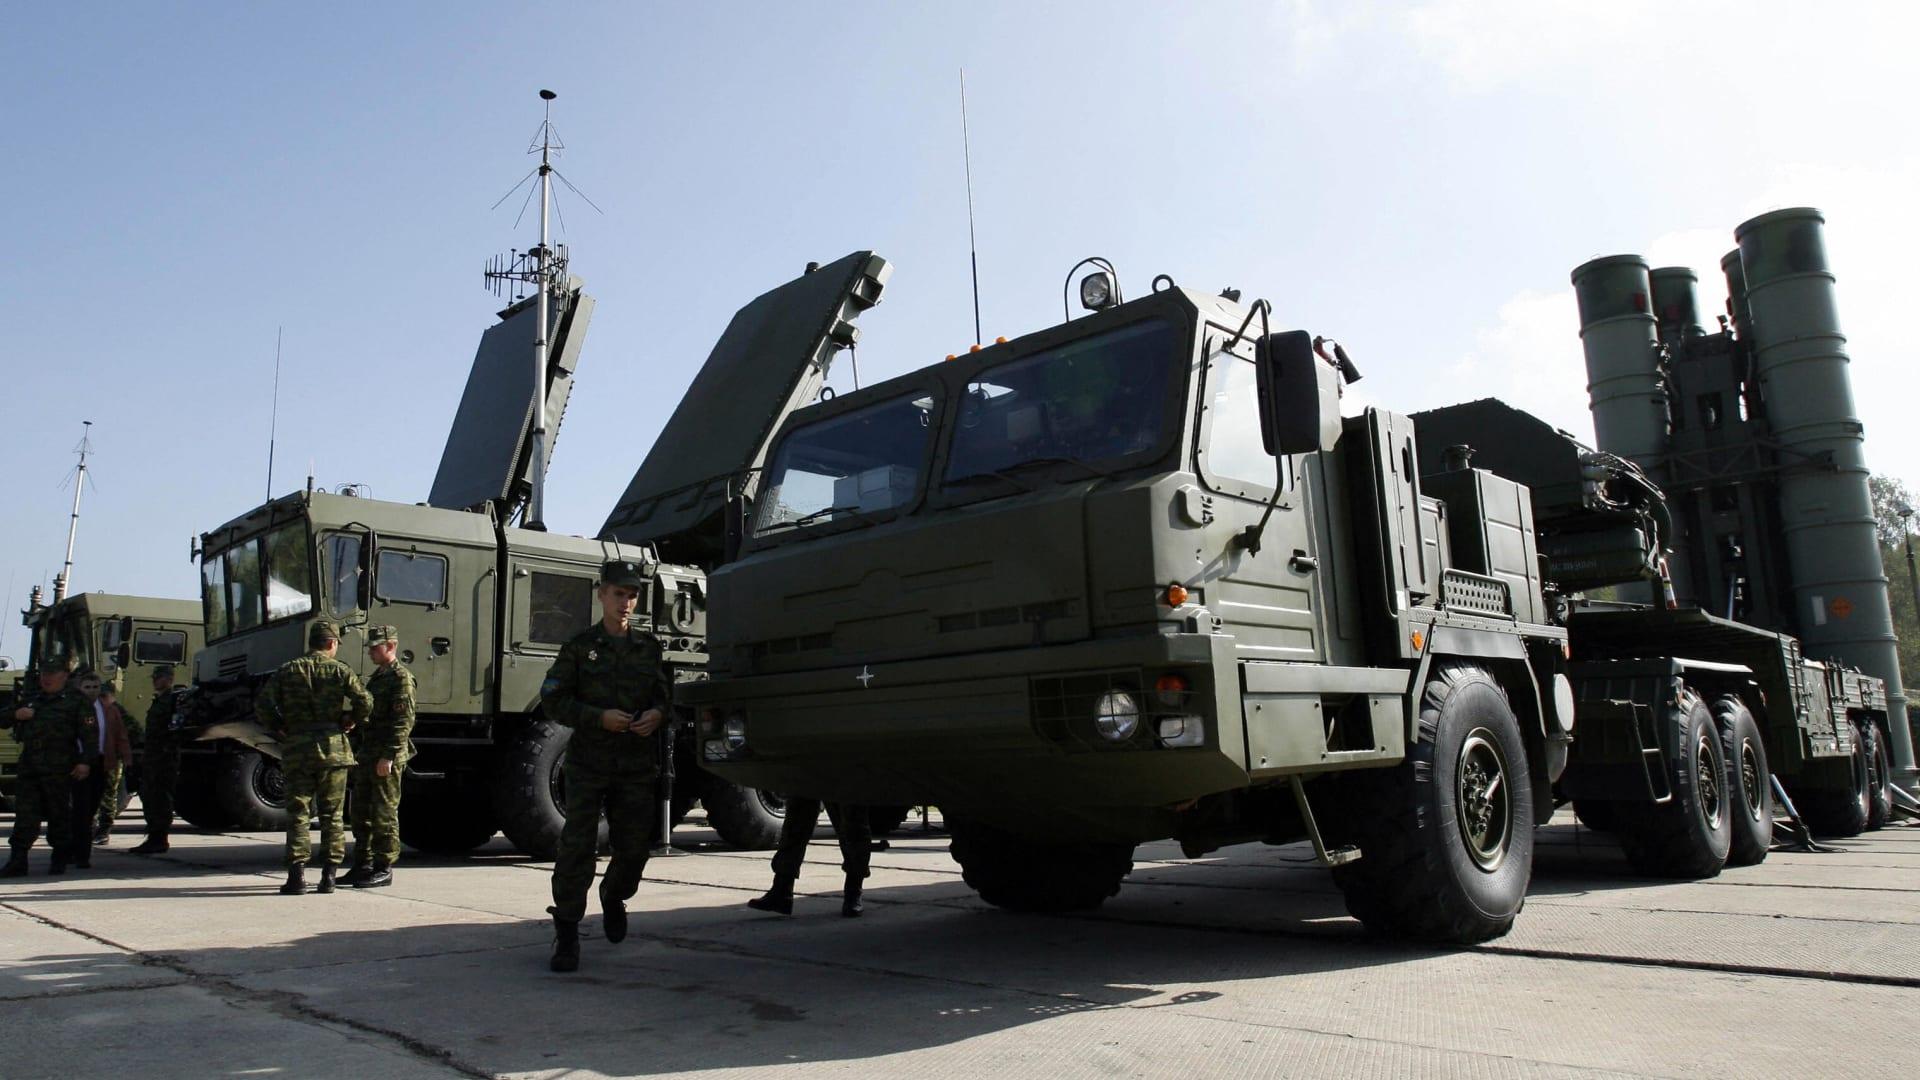 بعد شراء تركيا لنظام S-400 الروسي.. كيف سيرد الناتو؟